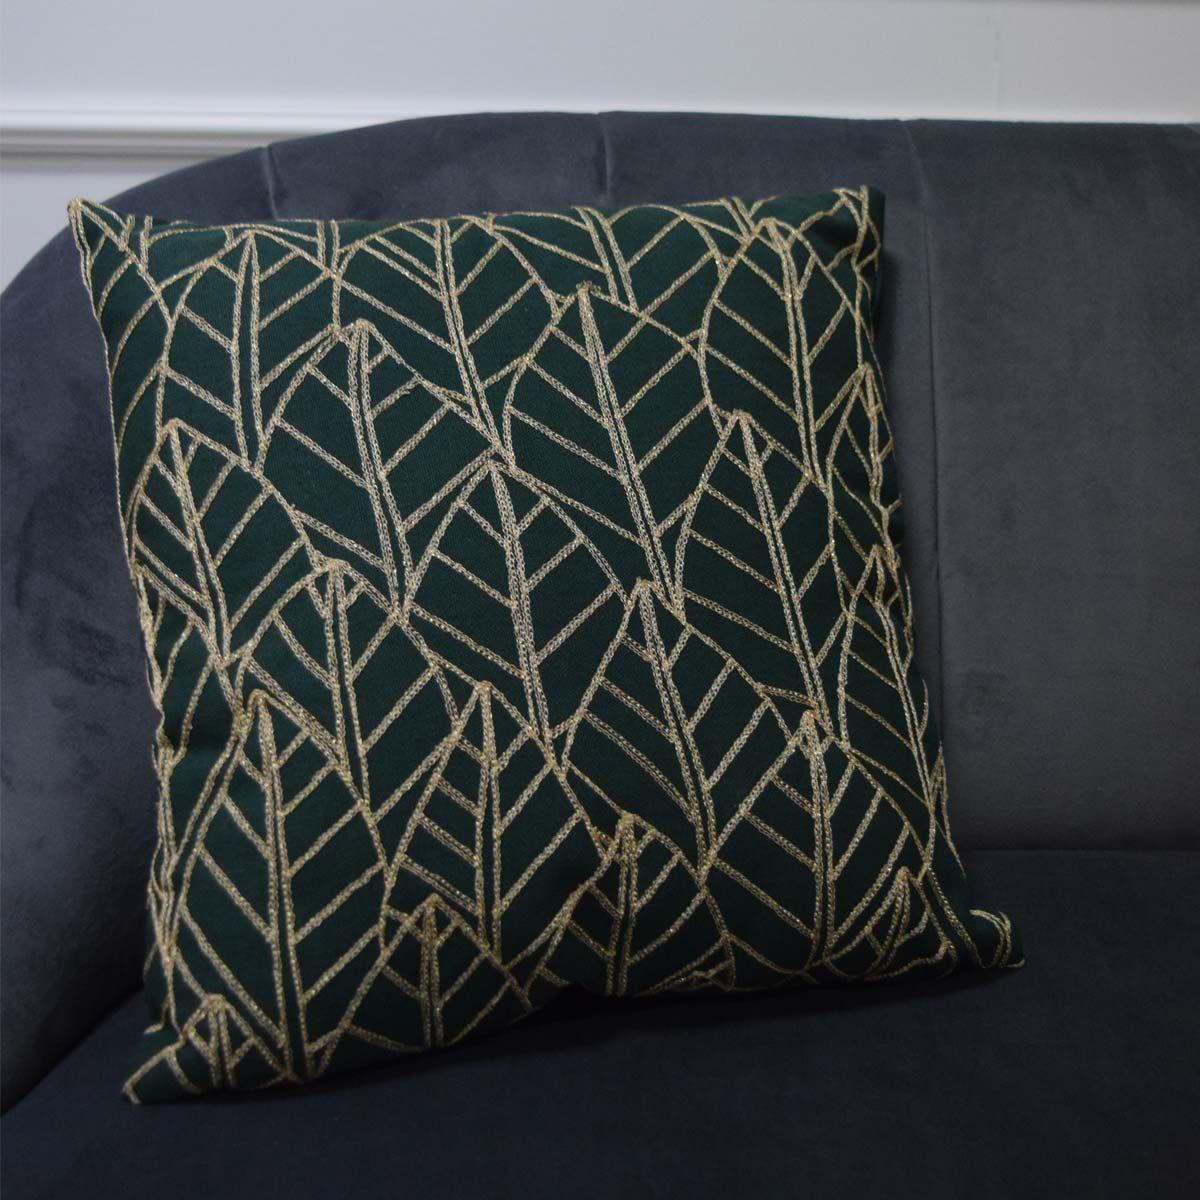 Coussin velours vert et doré Bangalore 40x40 cm